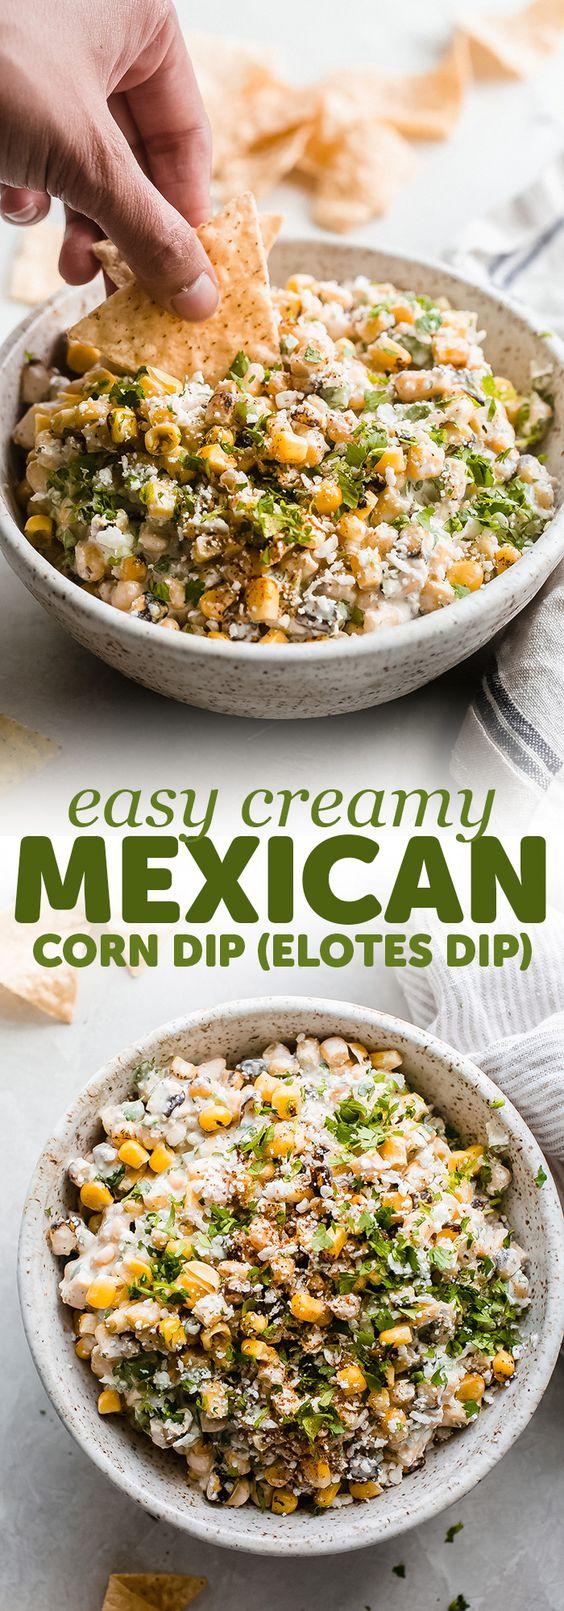 Creamy Mexican Corn Dip (Elotes Dip)